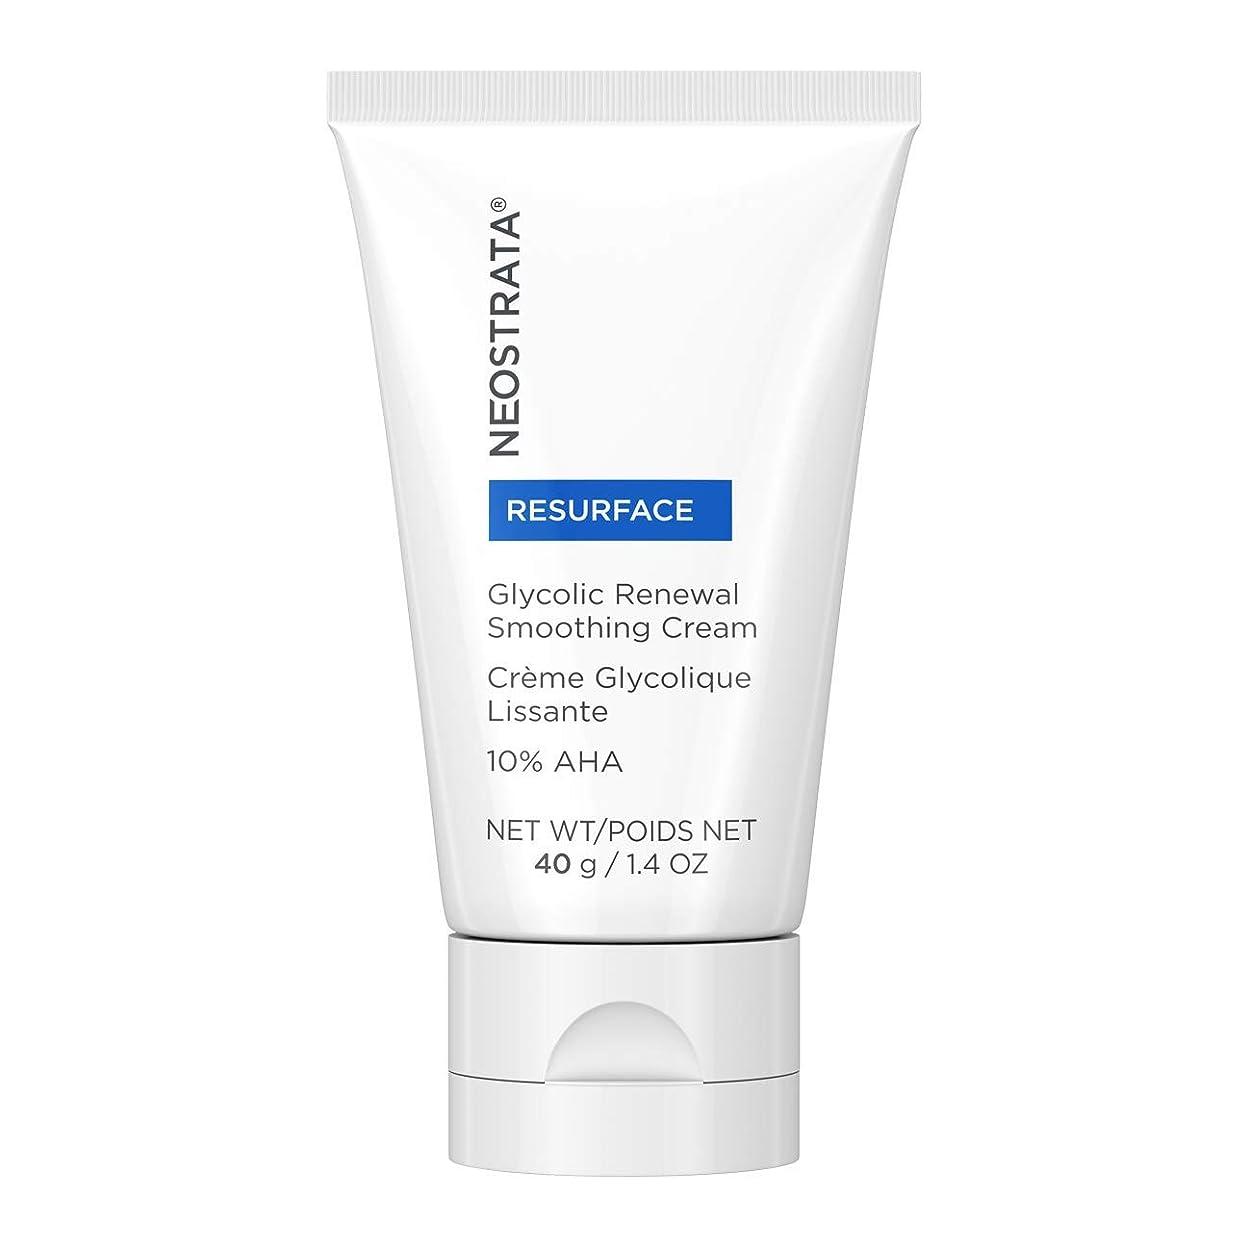 探す義務づけるいたずらなネオストラータ Resurface - Glycolic Renewal Smoothing Cream 40g/1.4oz並行輸入品